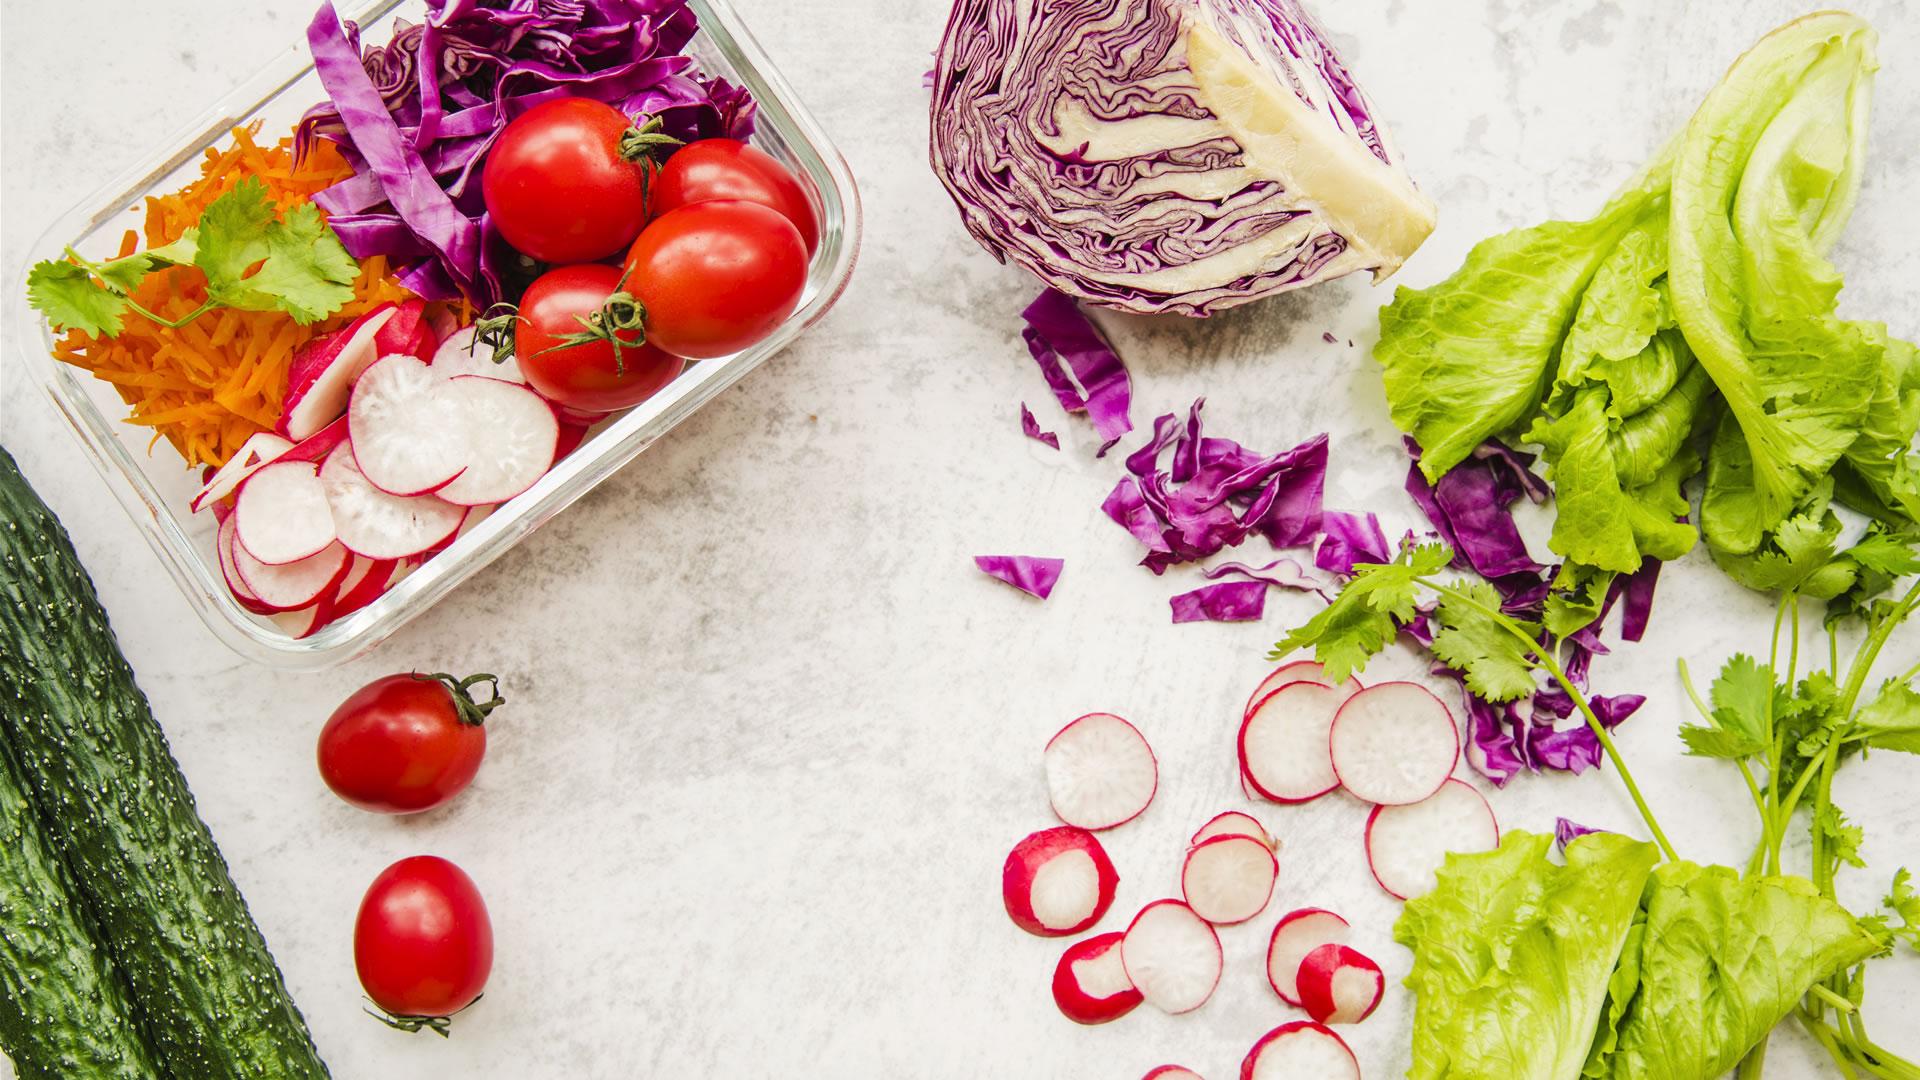 la dieta vegetariana è salutare